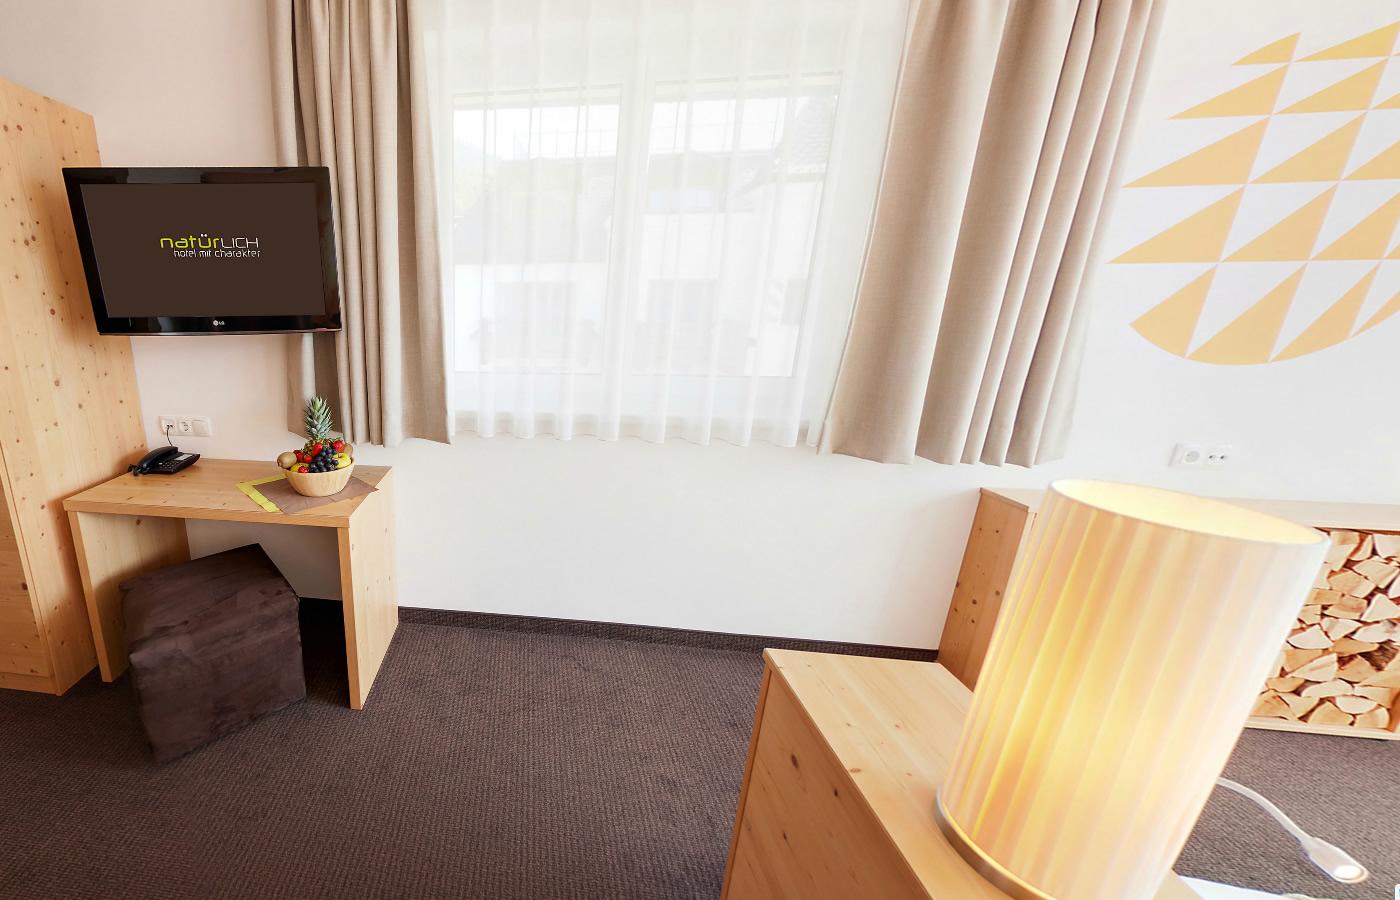 """Suite """"Familienharmonie"""" - Familien - Kinder - Urlaub im Hotel Natürlich in Fiss,"""